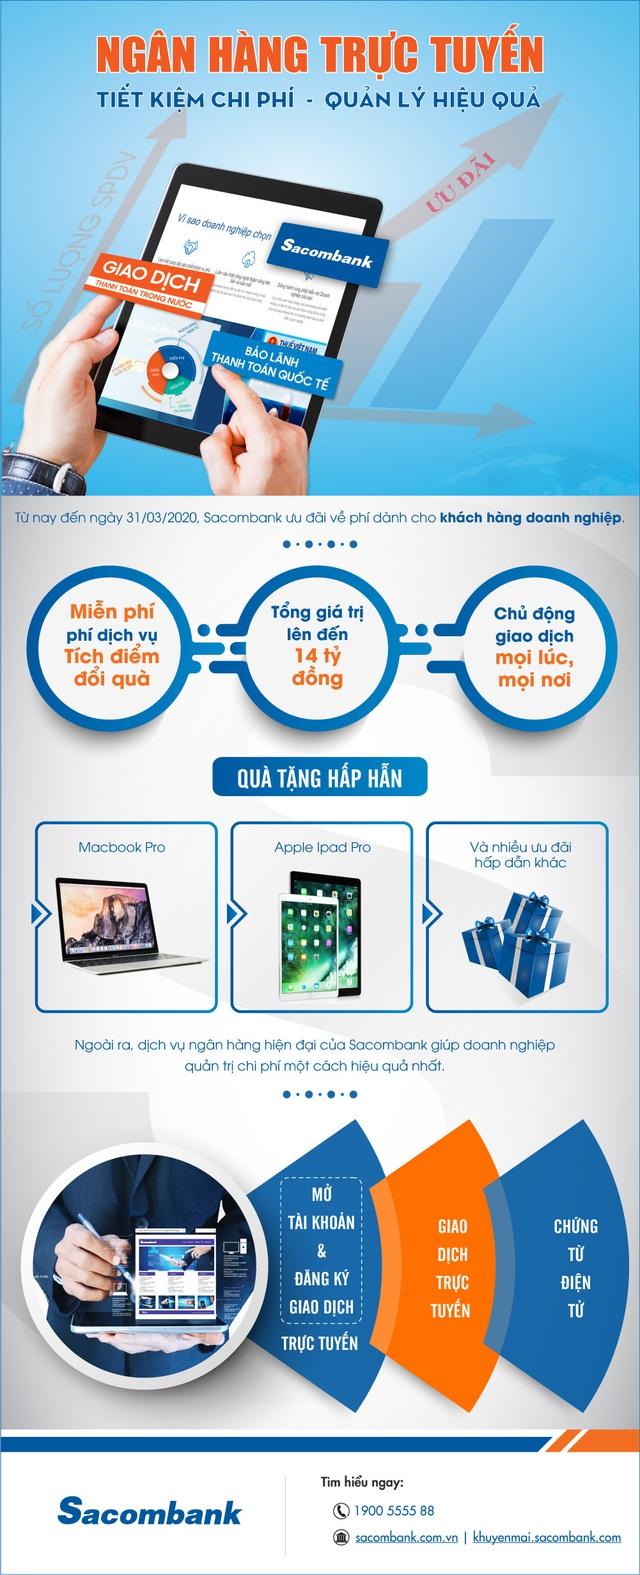 Doanh nghiệp quản lý hiệu quả với ngân hàng trực tuyến - Ảnh 1.